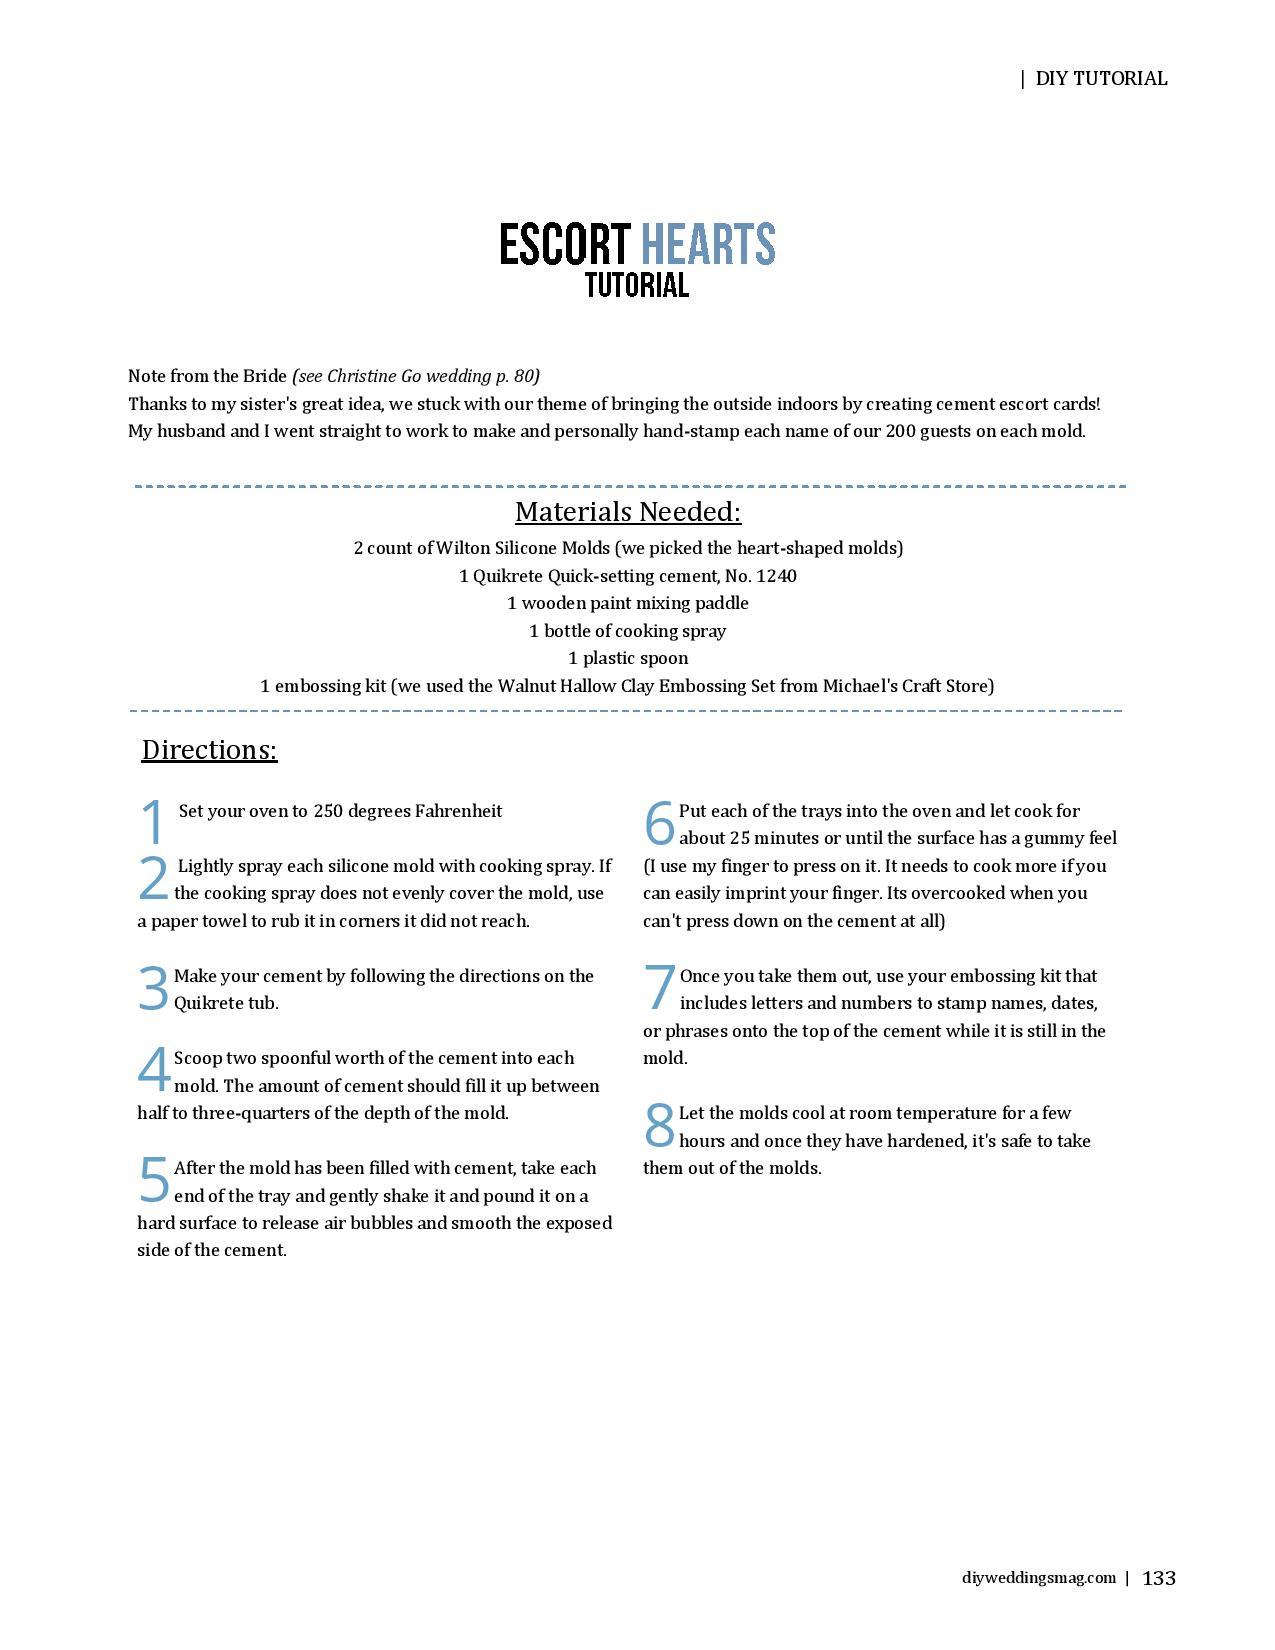 Escort Hearts Tutorial-page-002.jpg